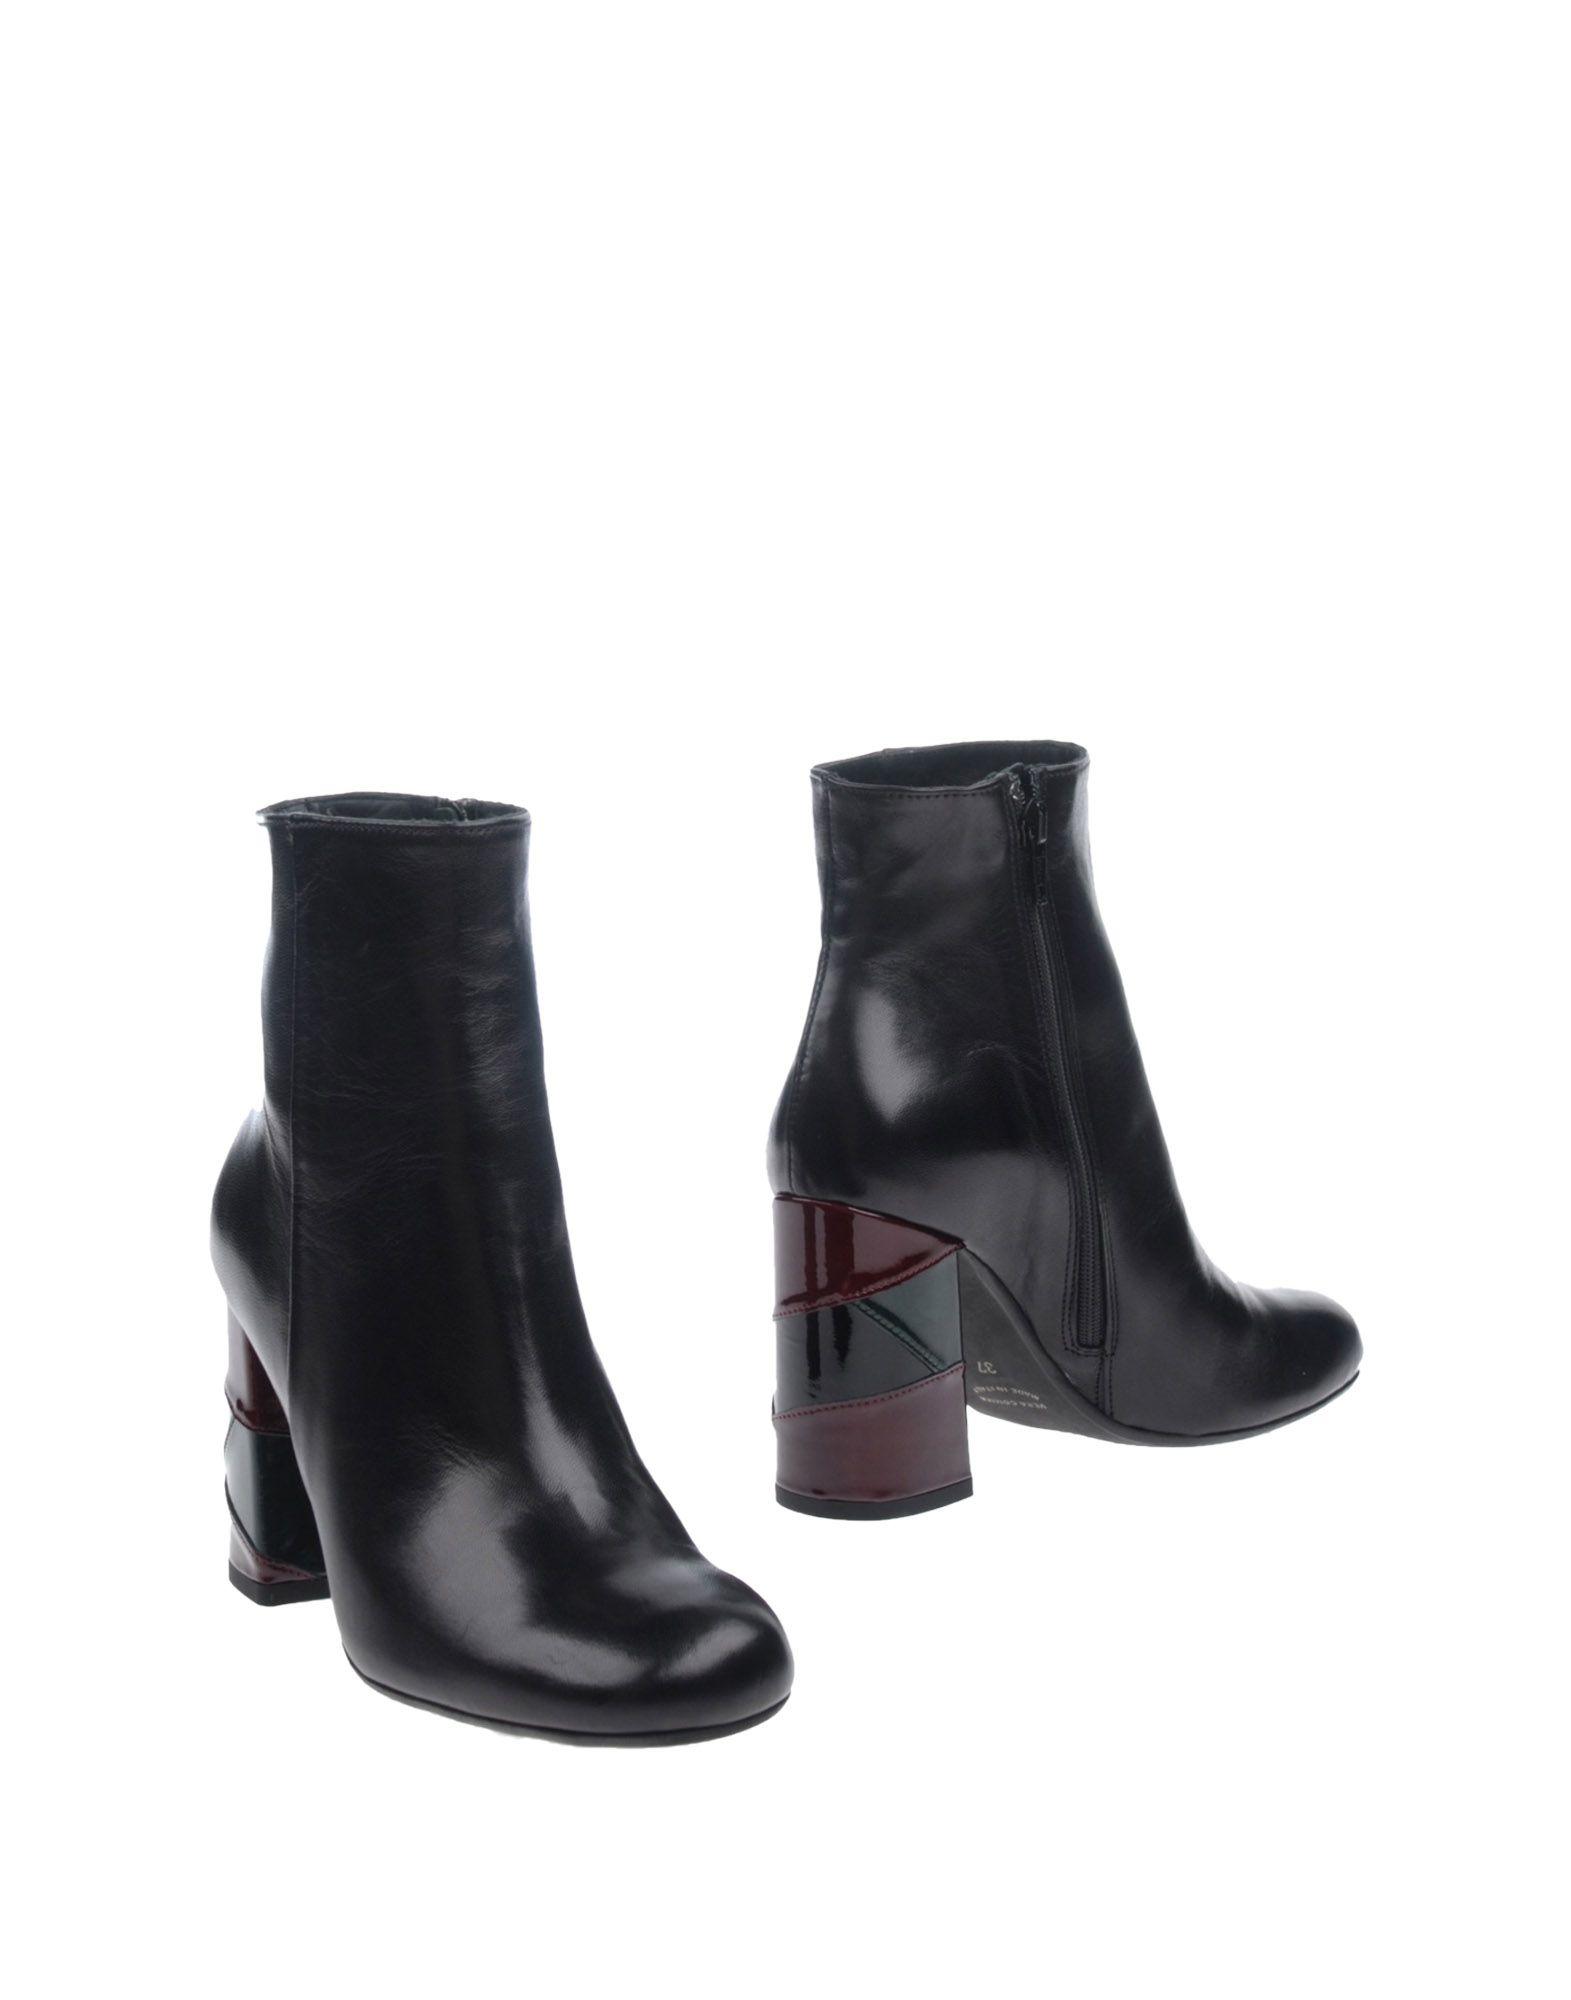 Bagatt Stiefelette Damen  11293724VS Gute Qualität beliebte Schuhe